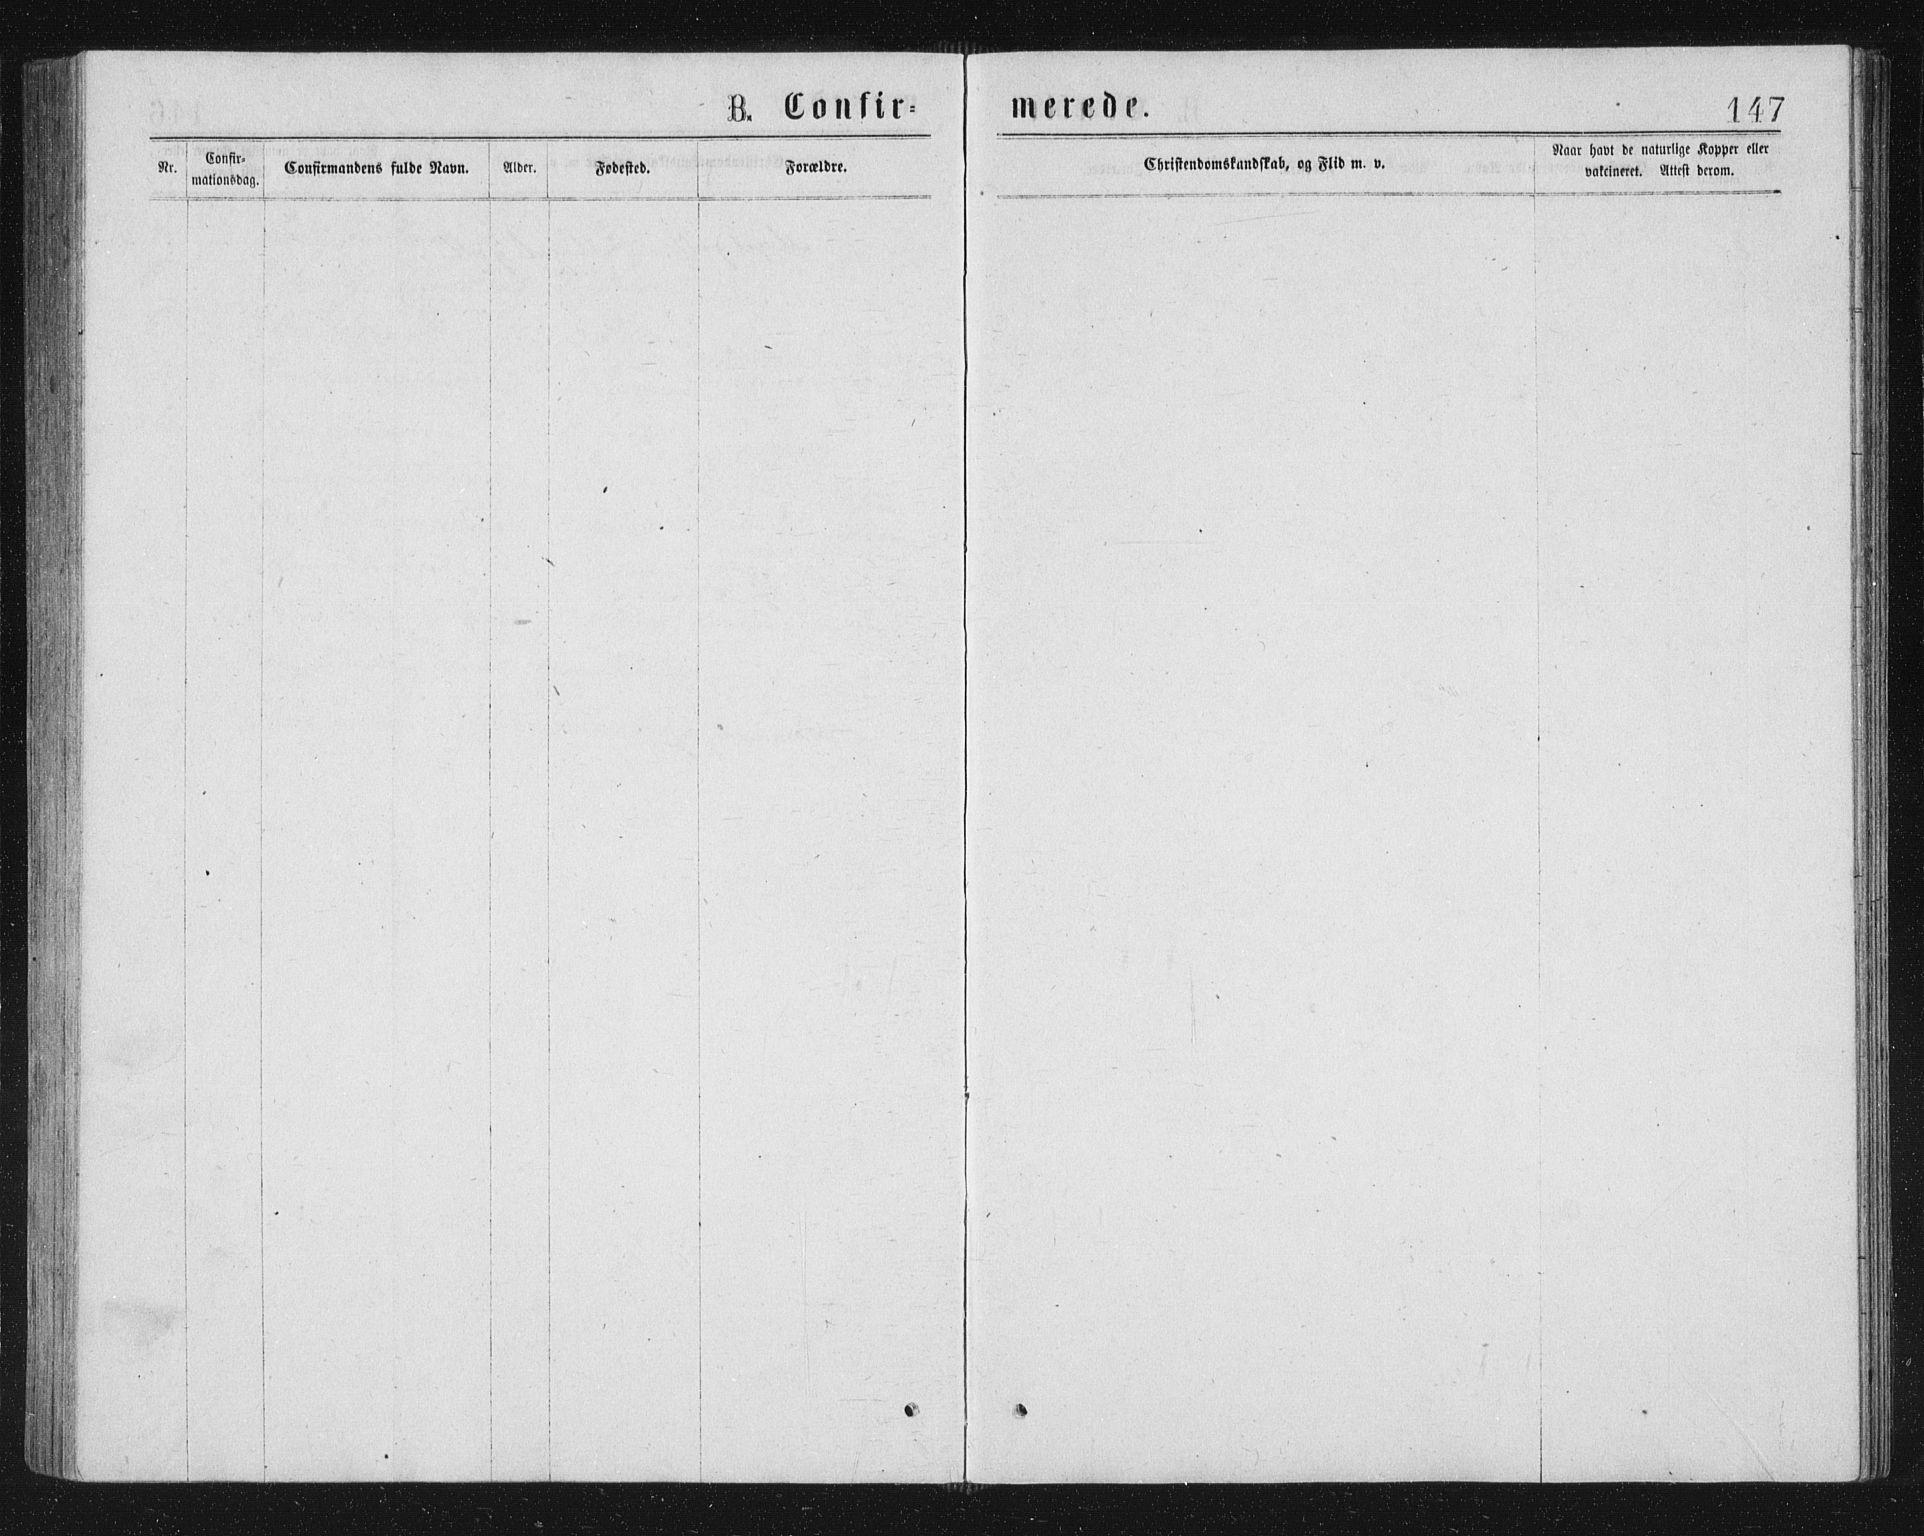 SAT, Ministerialprotokoller, klokkerbøker og fødselsregistre - Sør-Trøndelag, 662/L0756: Klokkerbok nr. 662C01, 1869-1891, s. 147